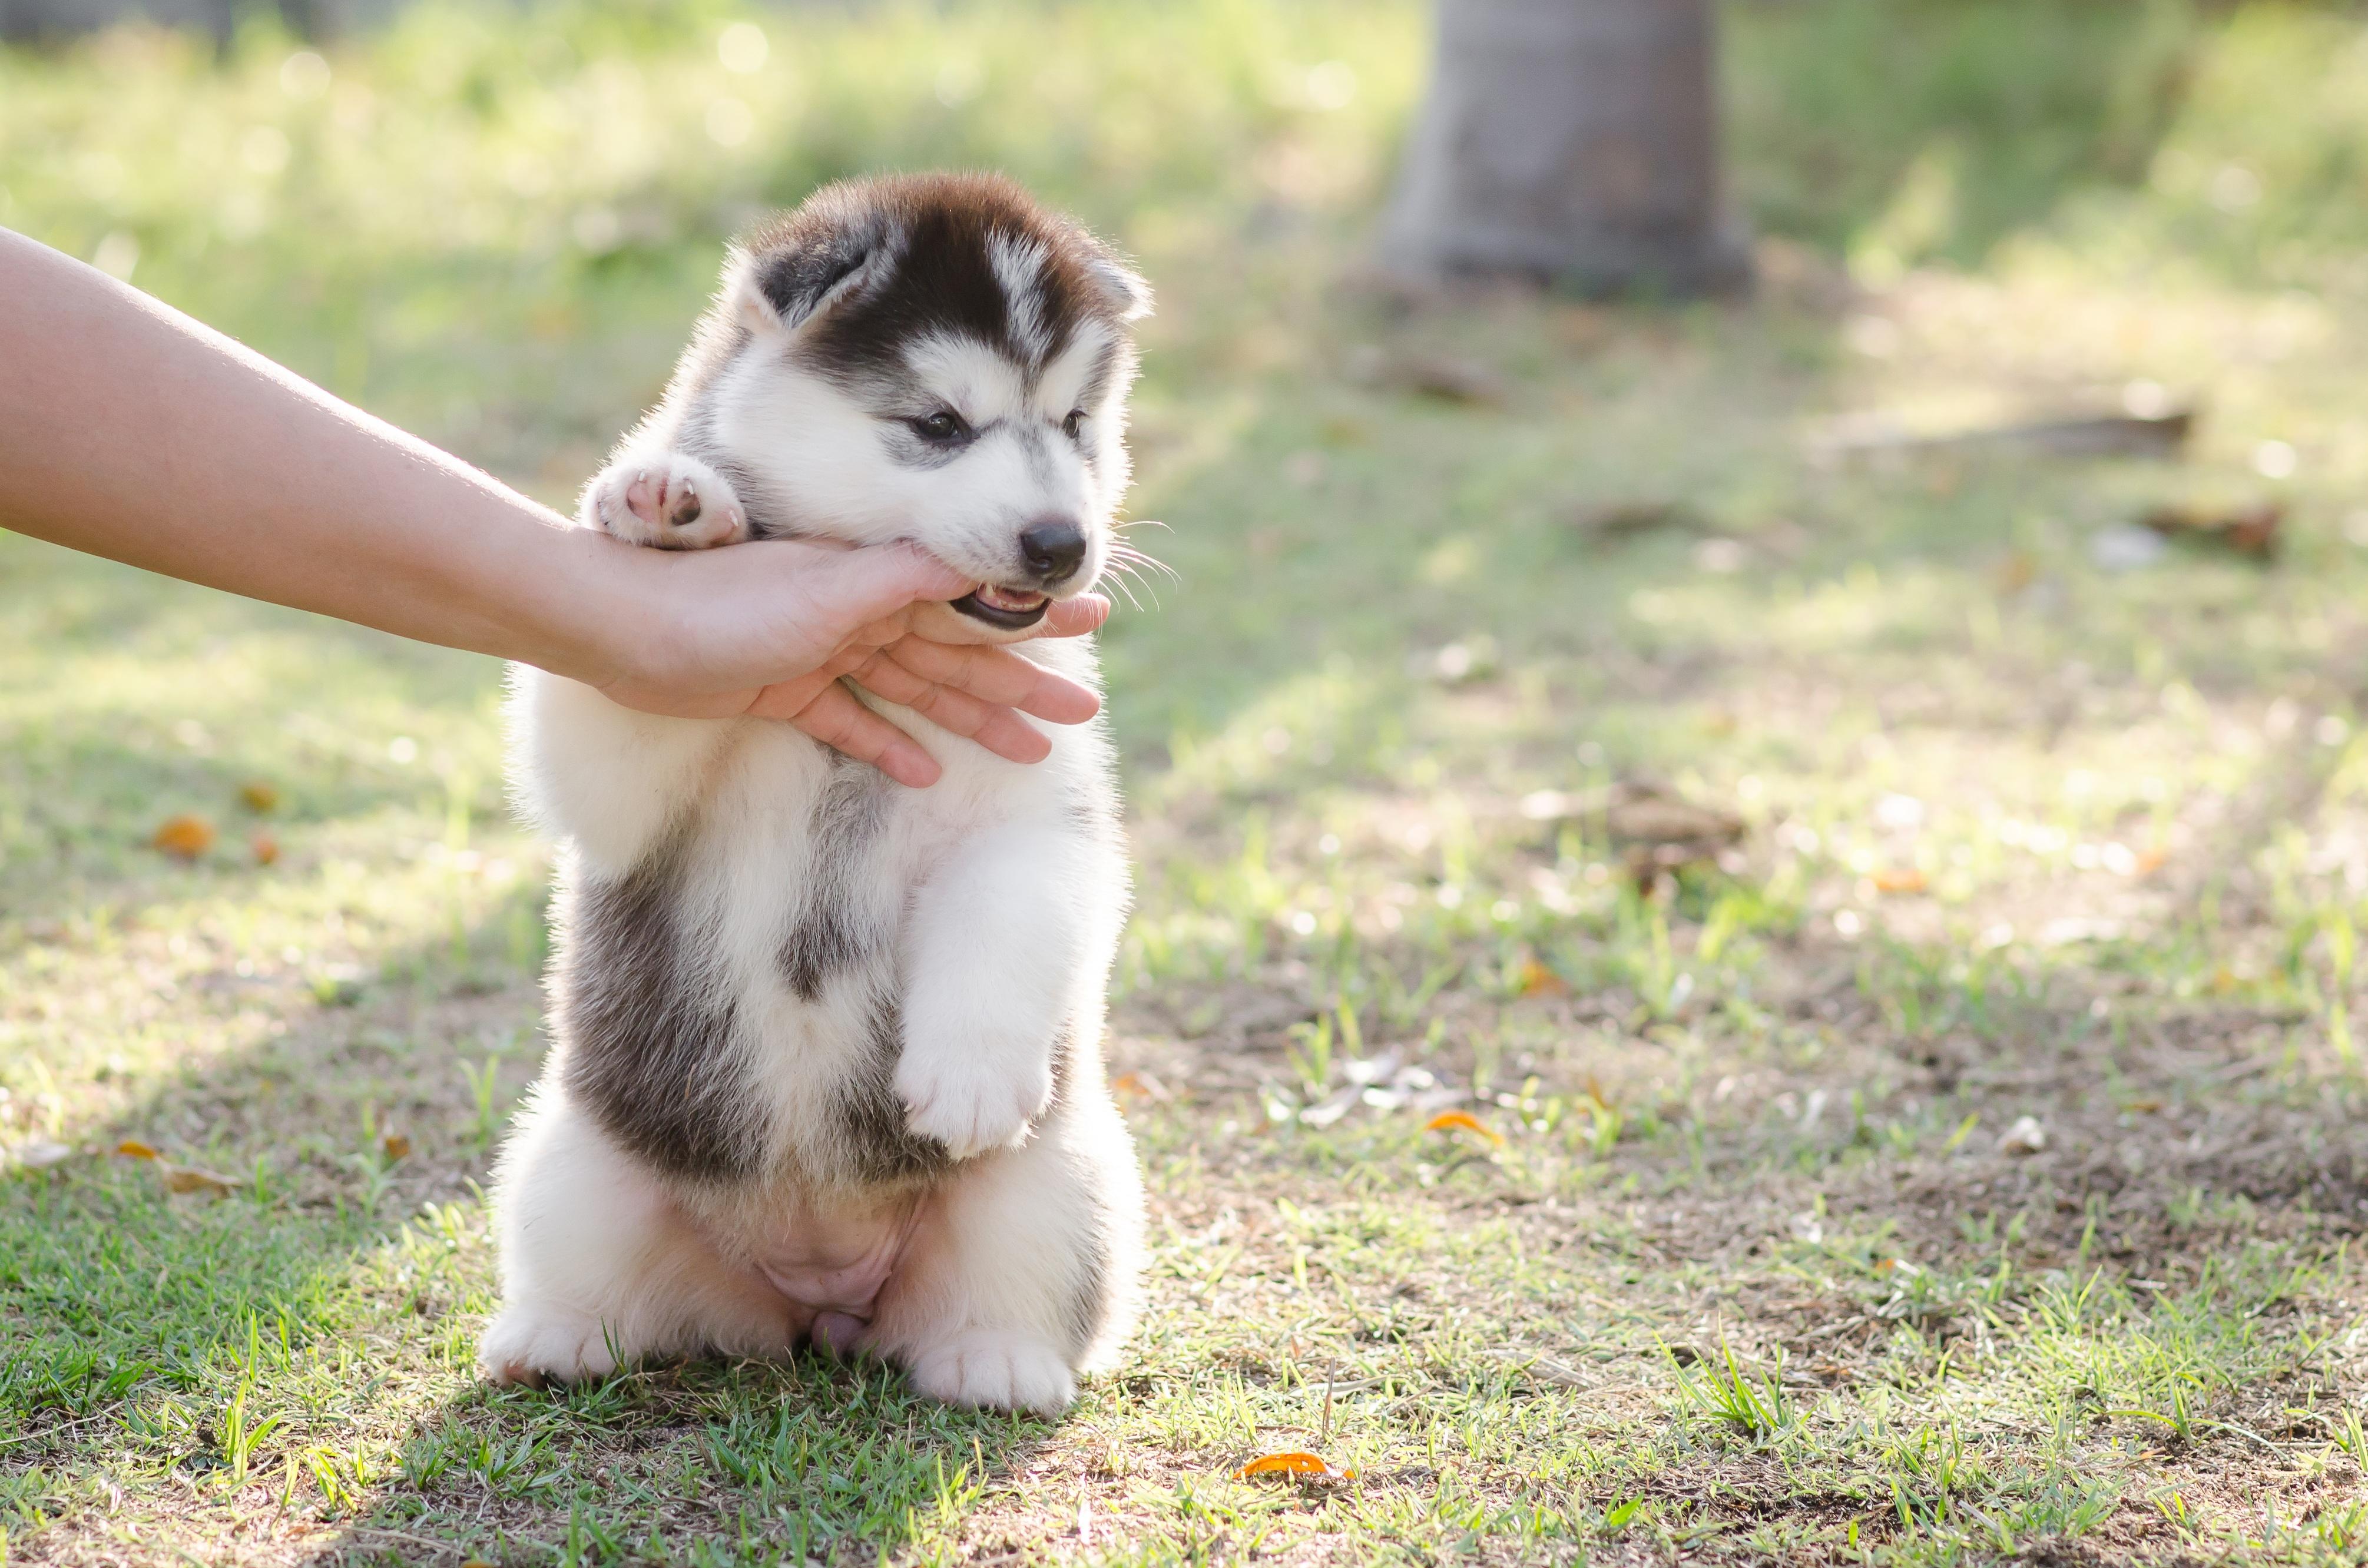 Dog Nipping